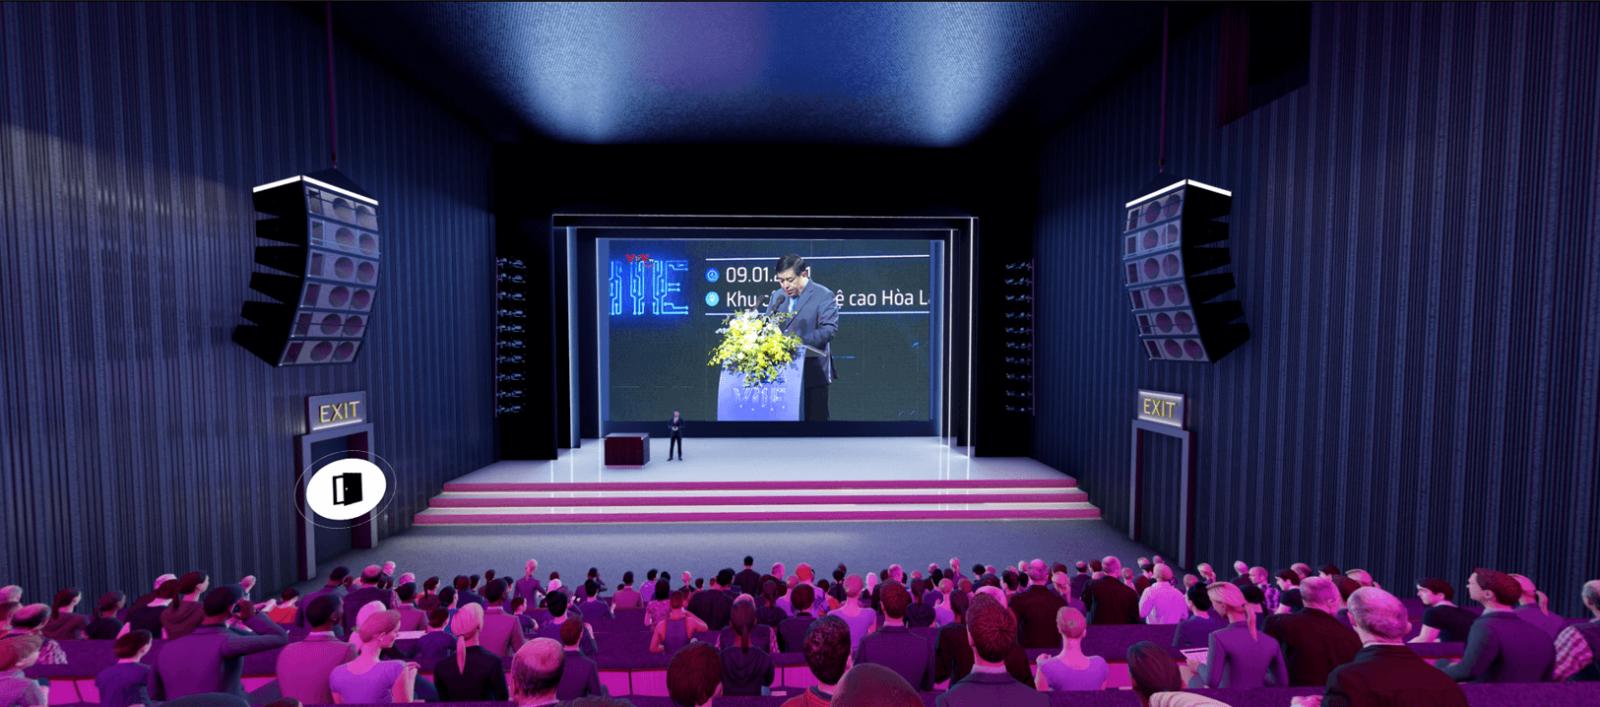 doanh nghiệp lớn tổ chức sự kiện thực tế ảo